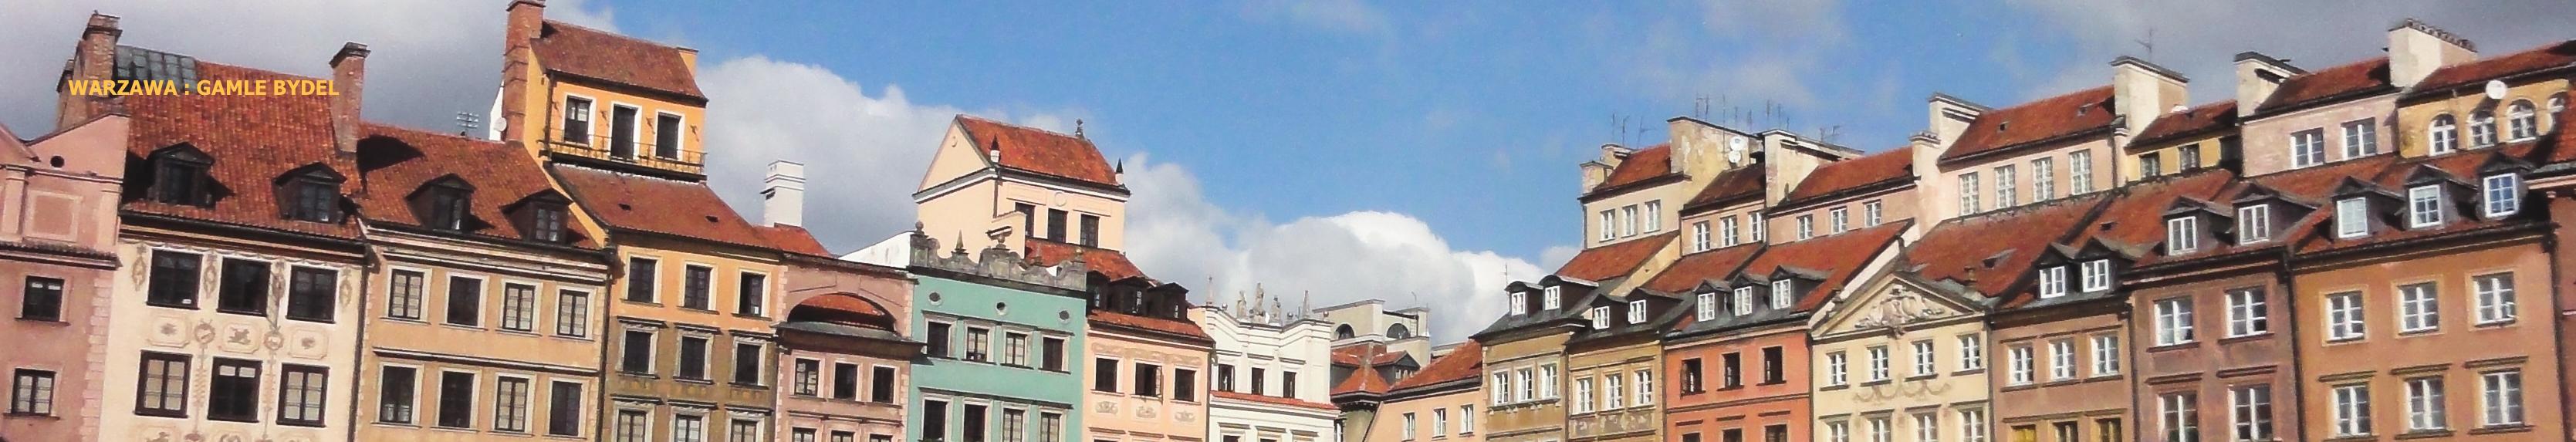 billig grupperejse til Warszawa